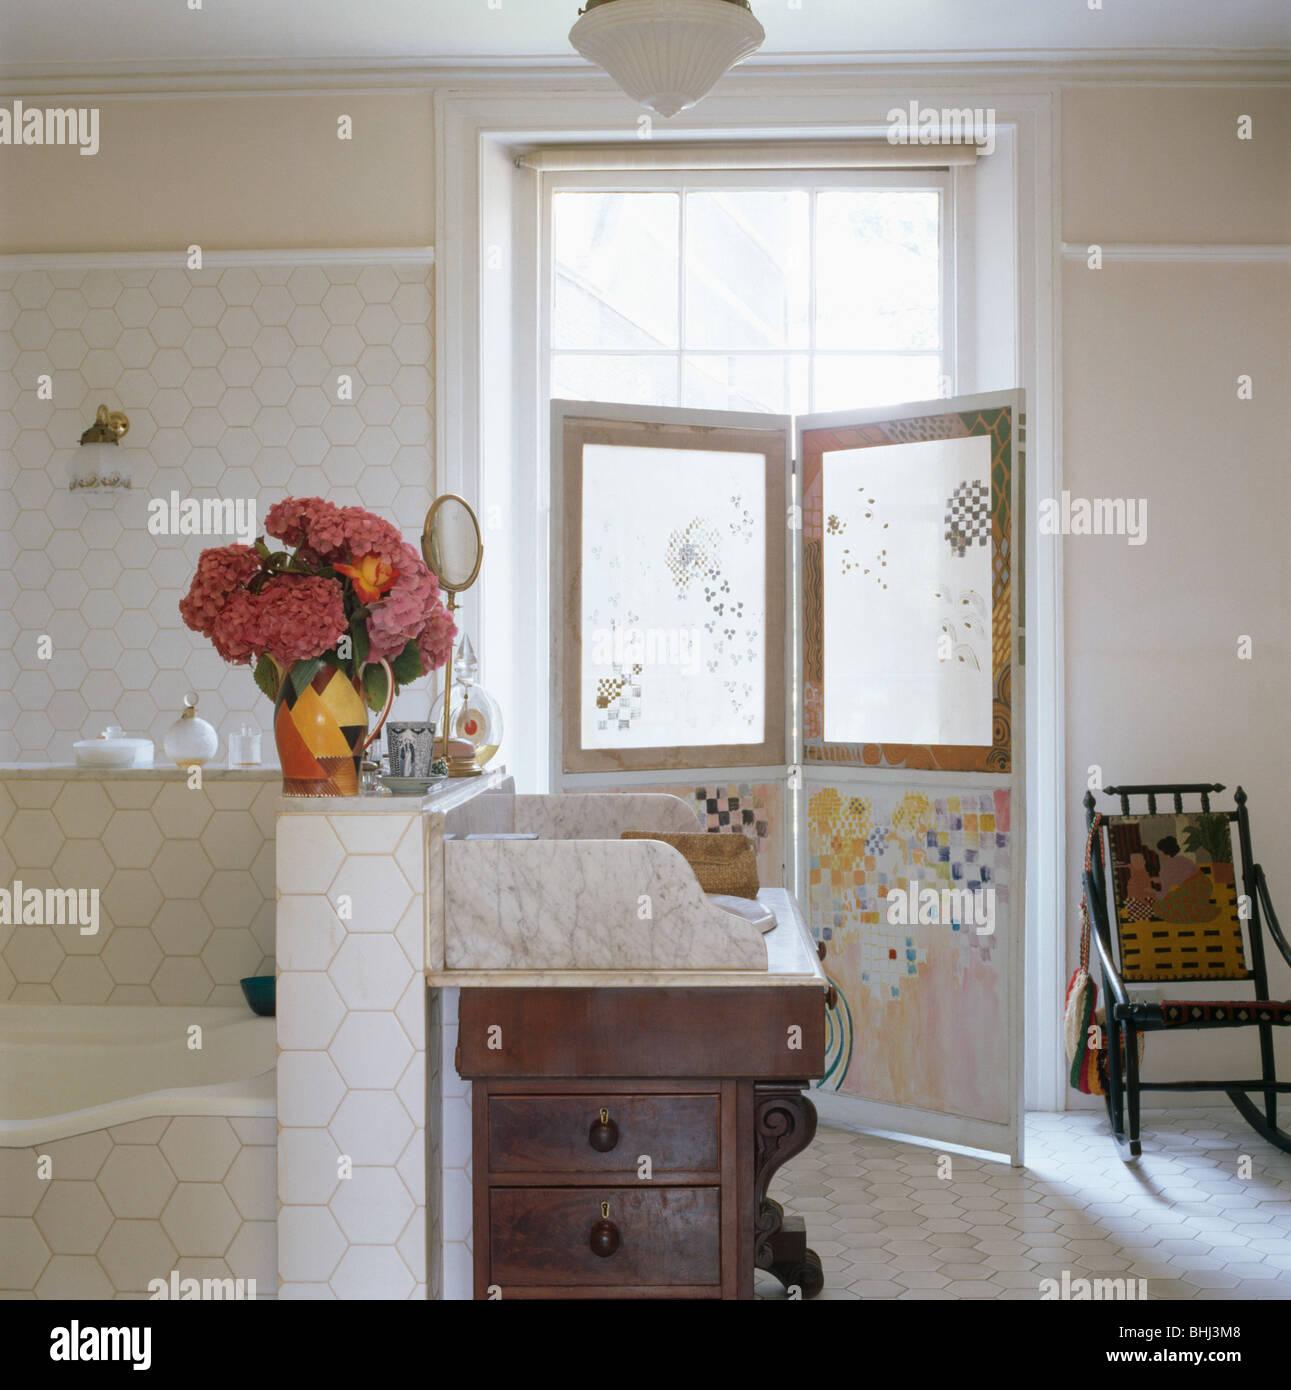 Antik Waschtisch Marmor-Spitze im weißen Stadthaus Badezimmer mit ...